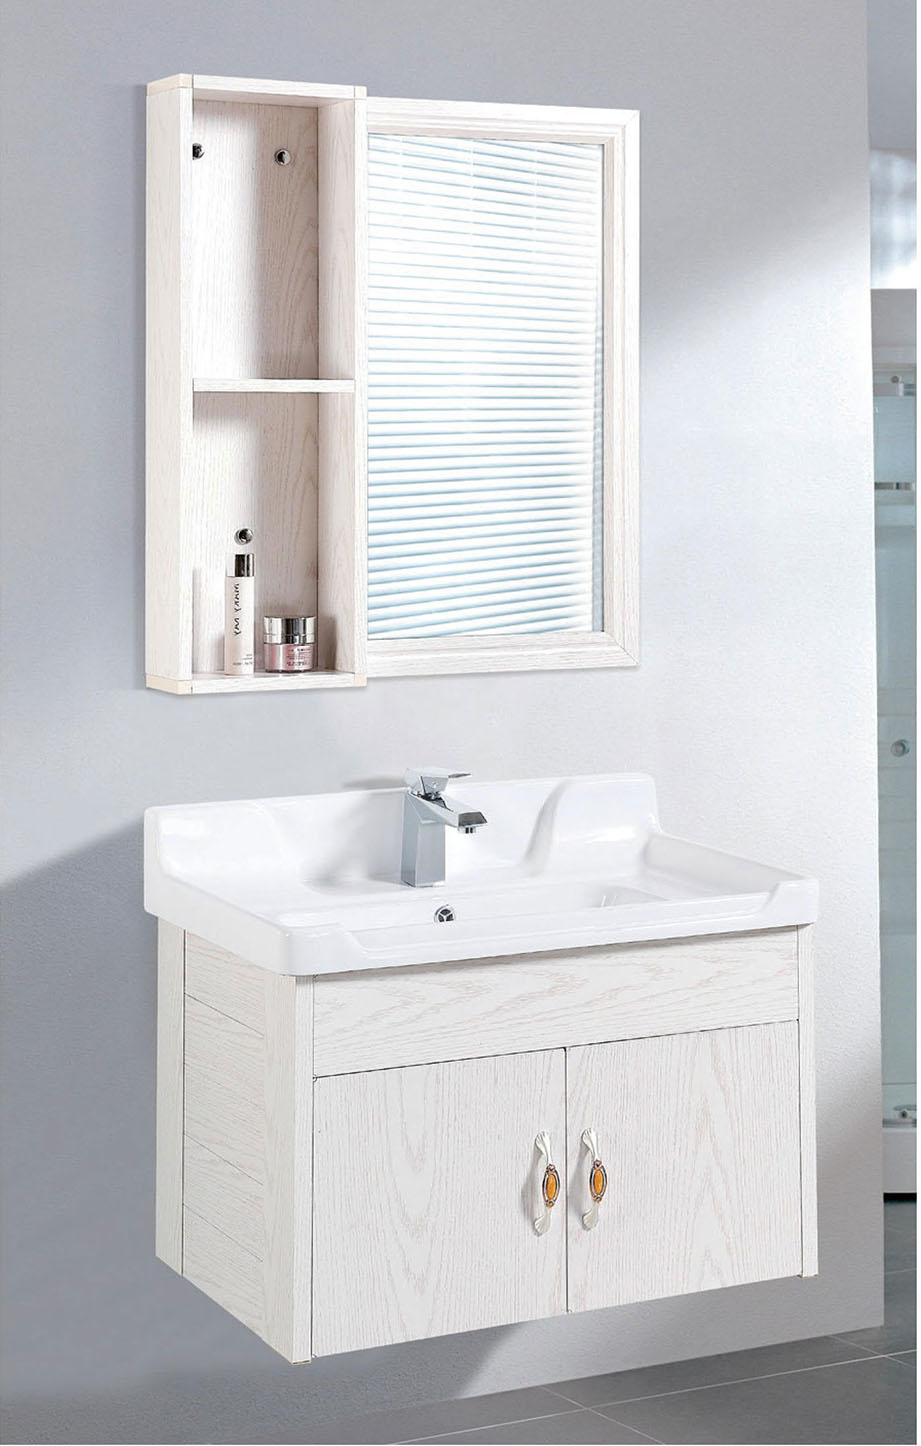 凤广铝业 全铝家居 全铝家具 全铝浴室柜